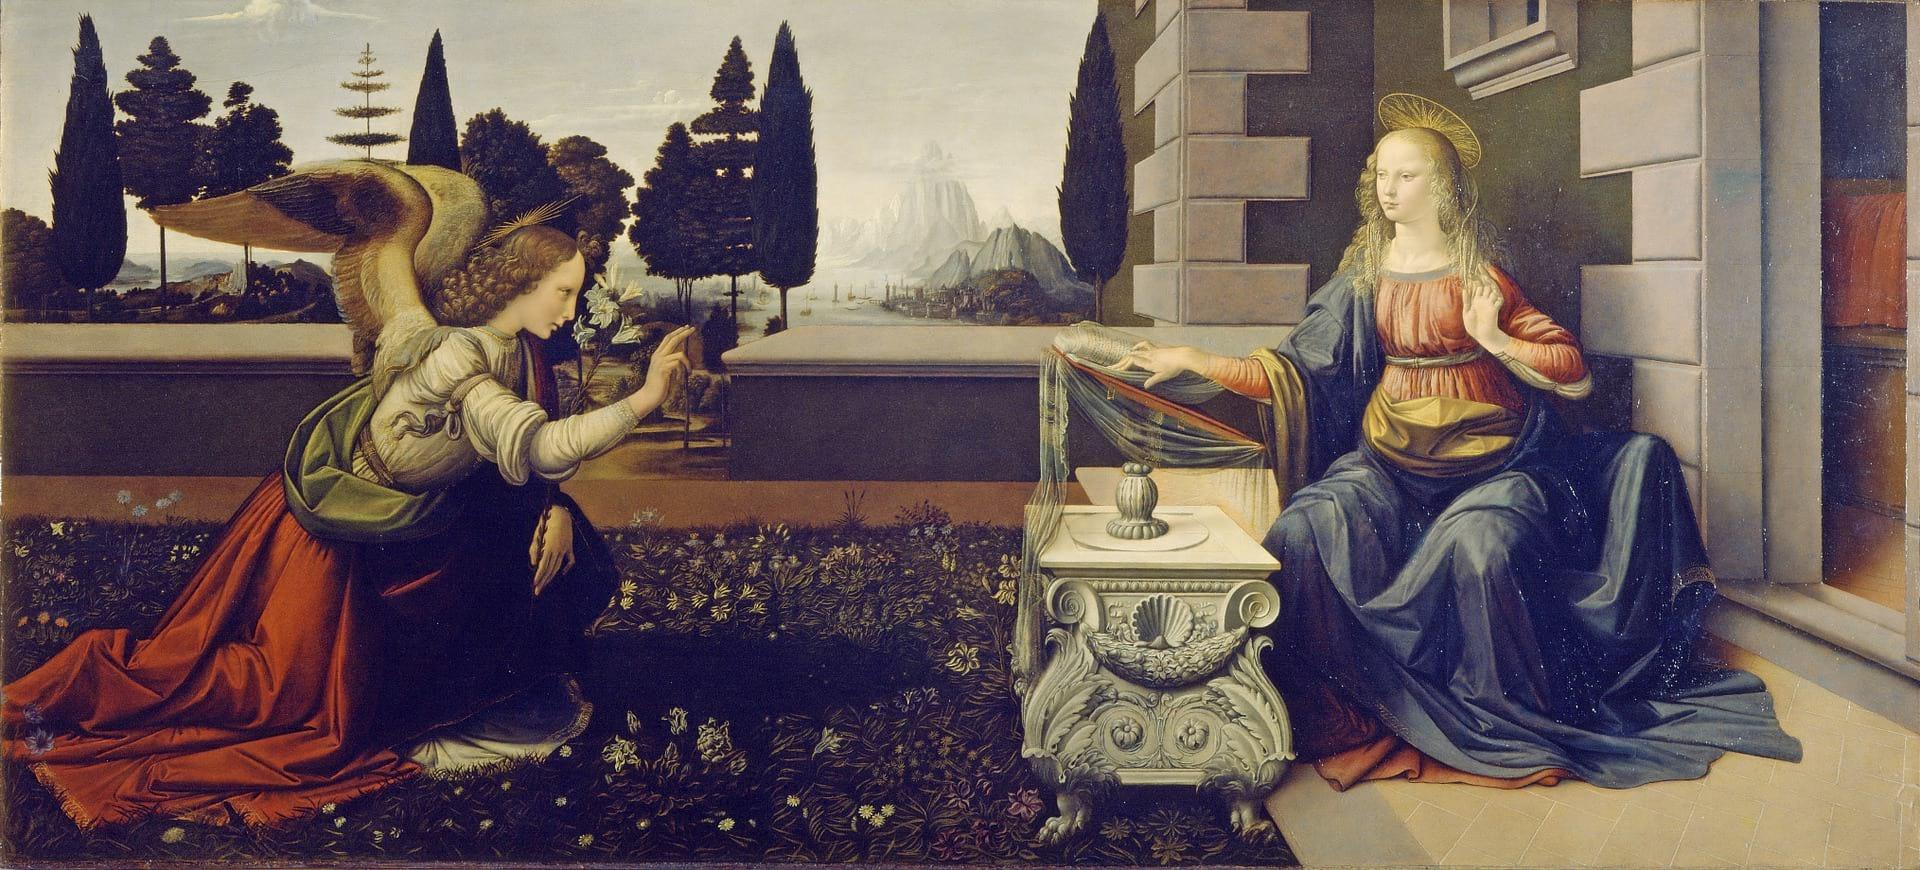 Cuadro de La Anunciación de Leonardo da Vinci en la Galería Uffizi.